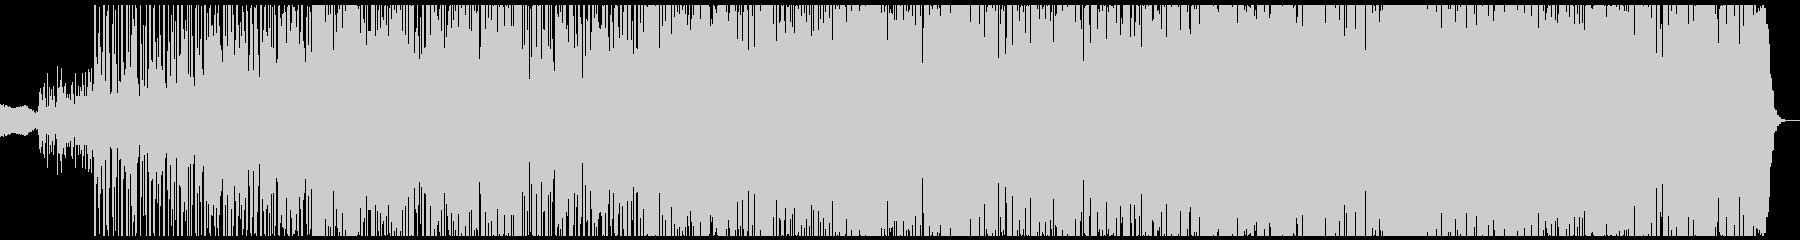 複雑なドラムとベース、シンセの異世界楽曲の未再生の波形